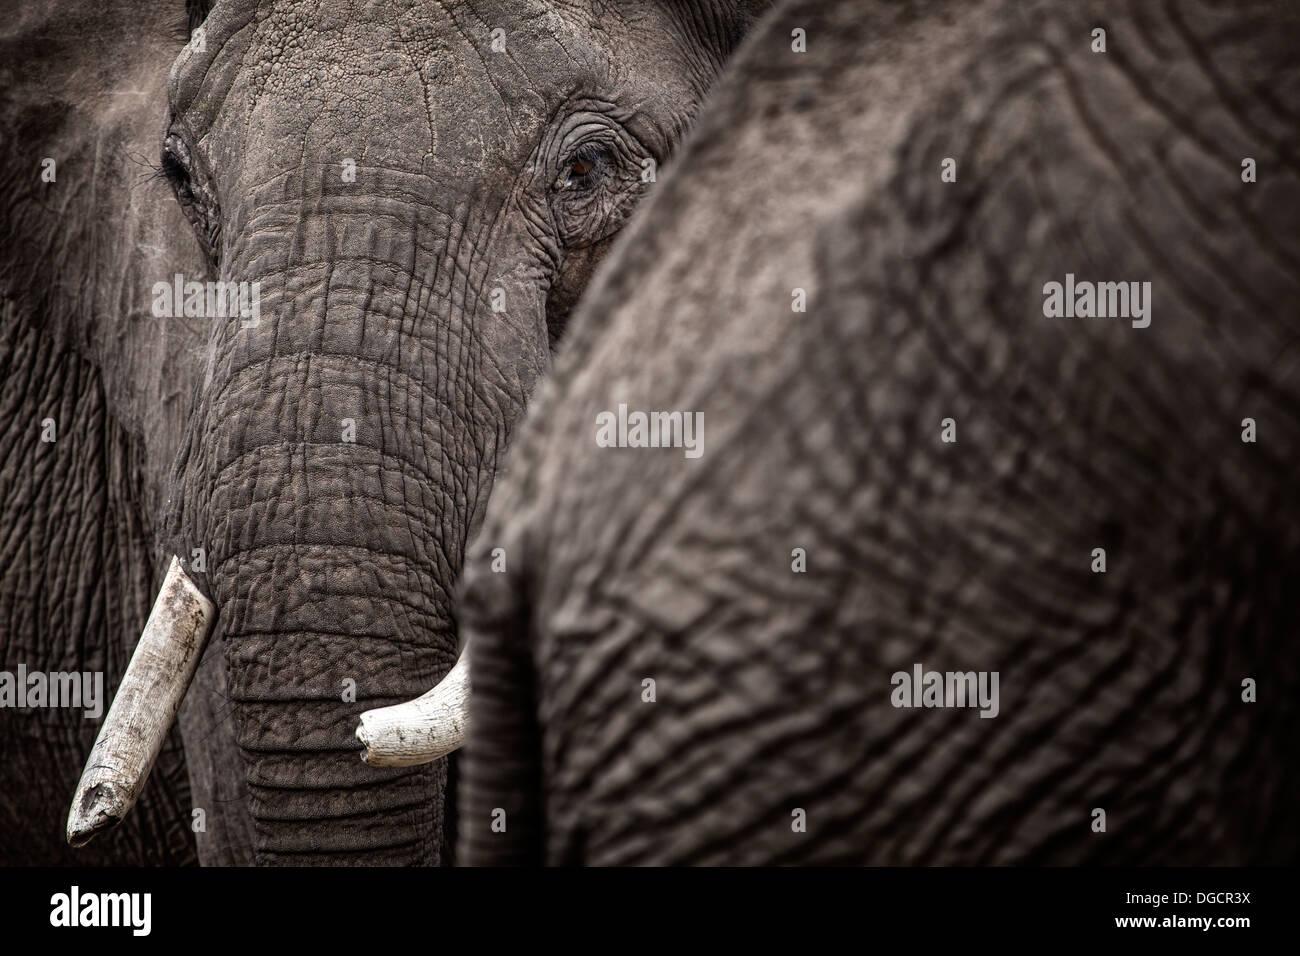 Un grand éléphant regarde autour de l'éléphant d'un autre derrière Photo Stock